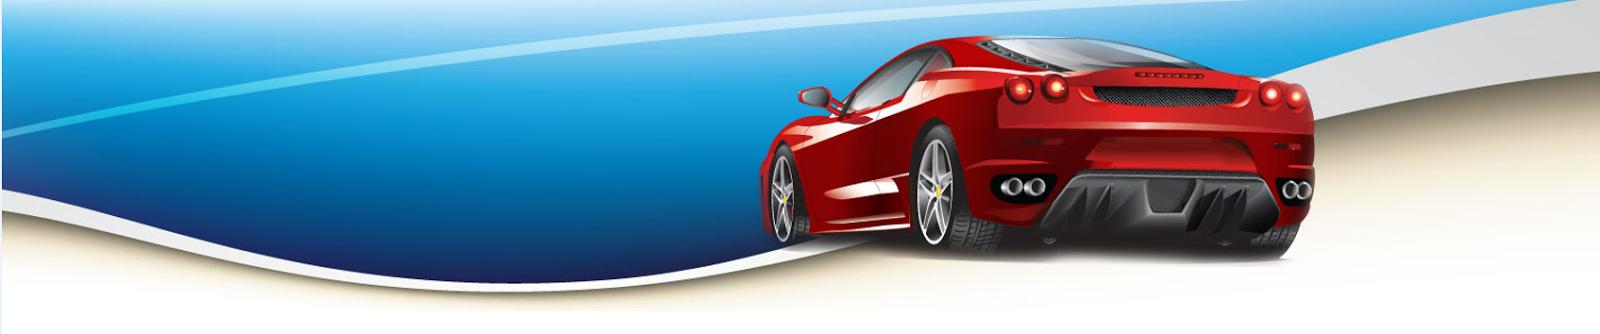 שיפורים לרכב | שיפורי רכב APR TUNING | סדנאות שיפורים